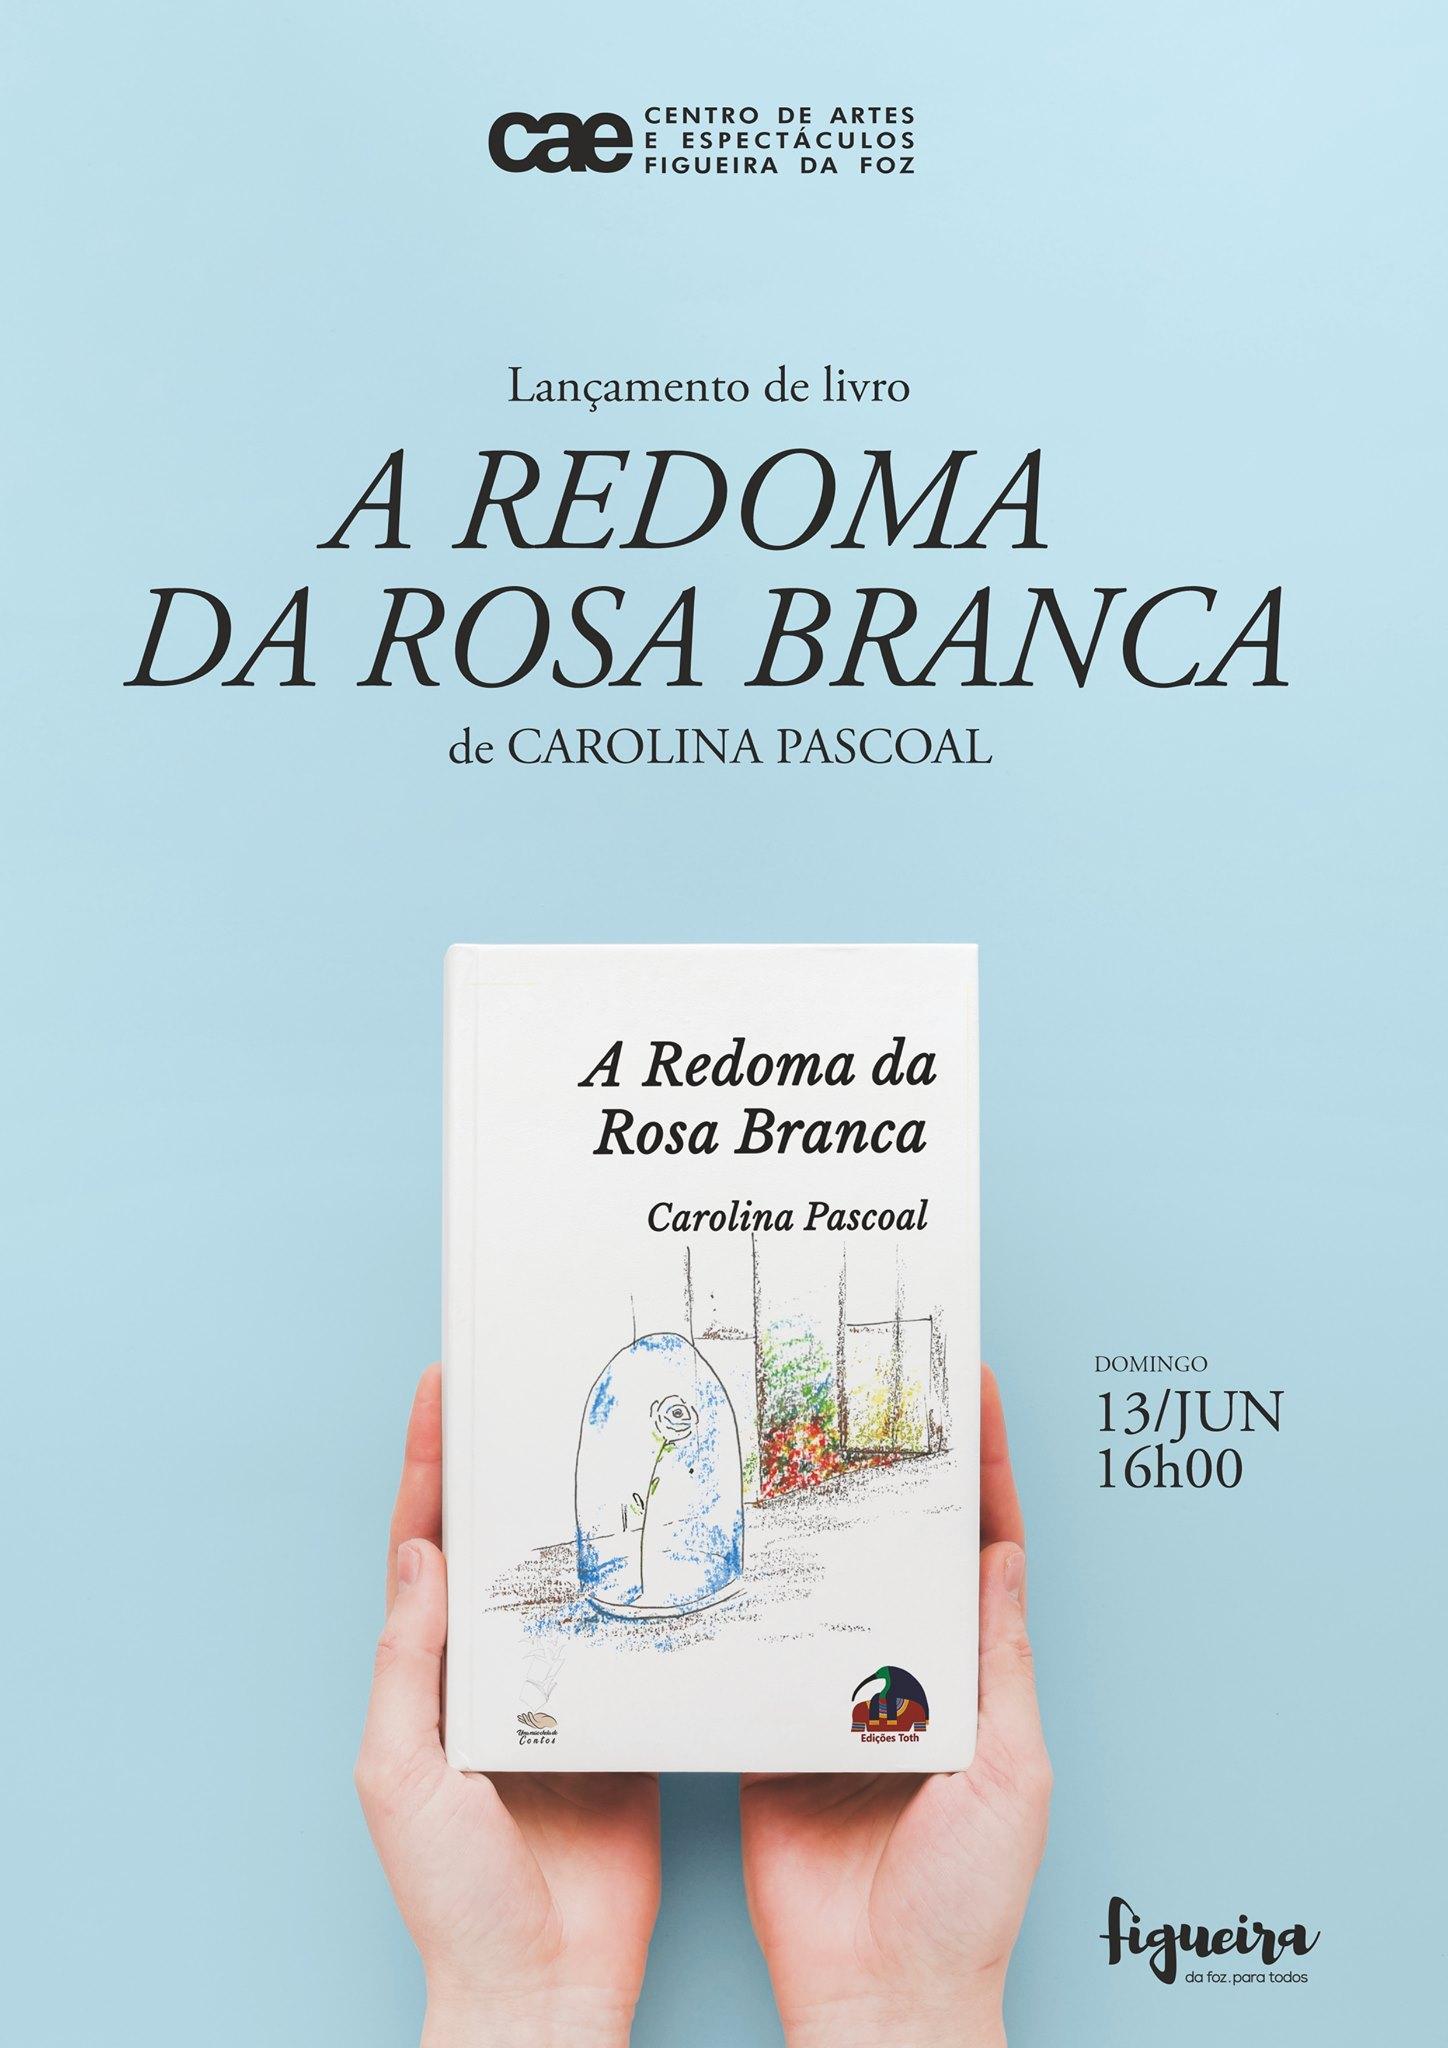 Apresentação do livro 'A Redoma da Rosa Branca', de Carolina Pascoal